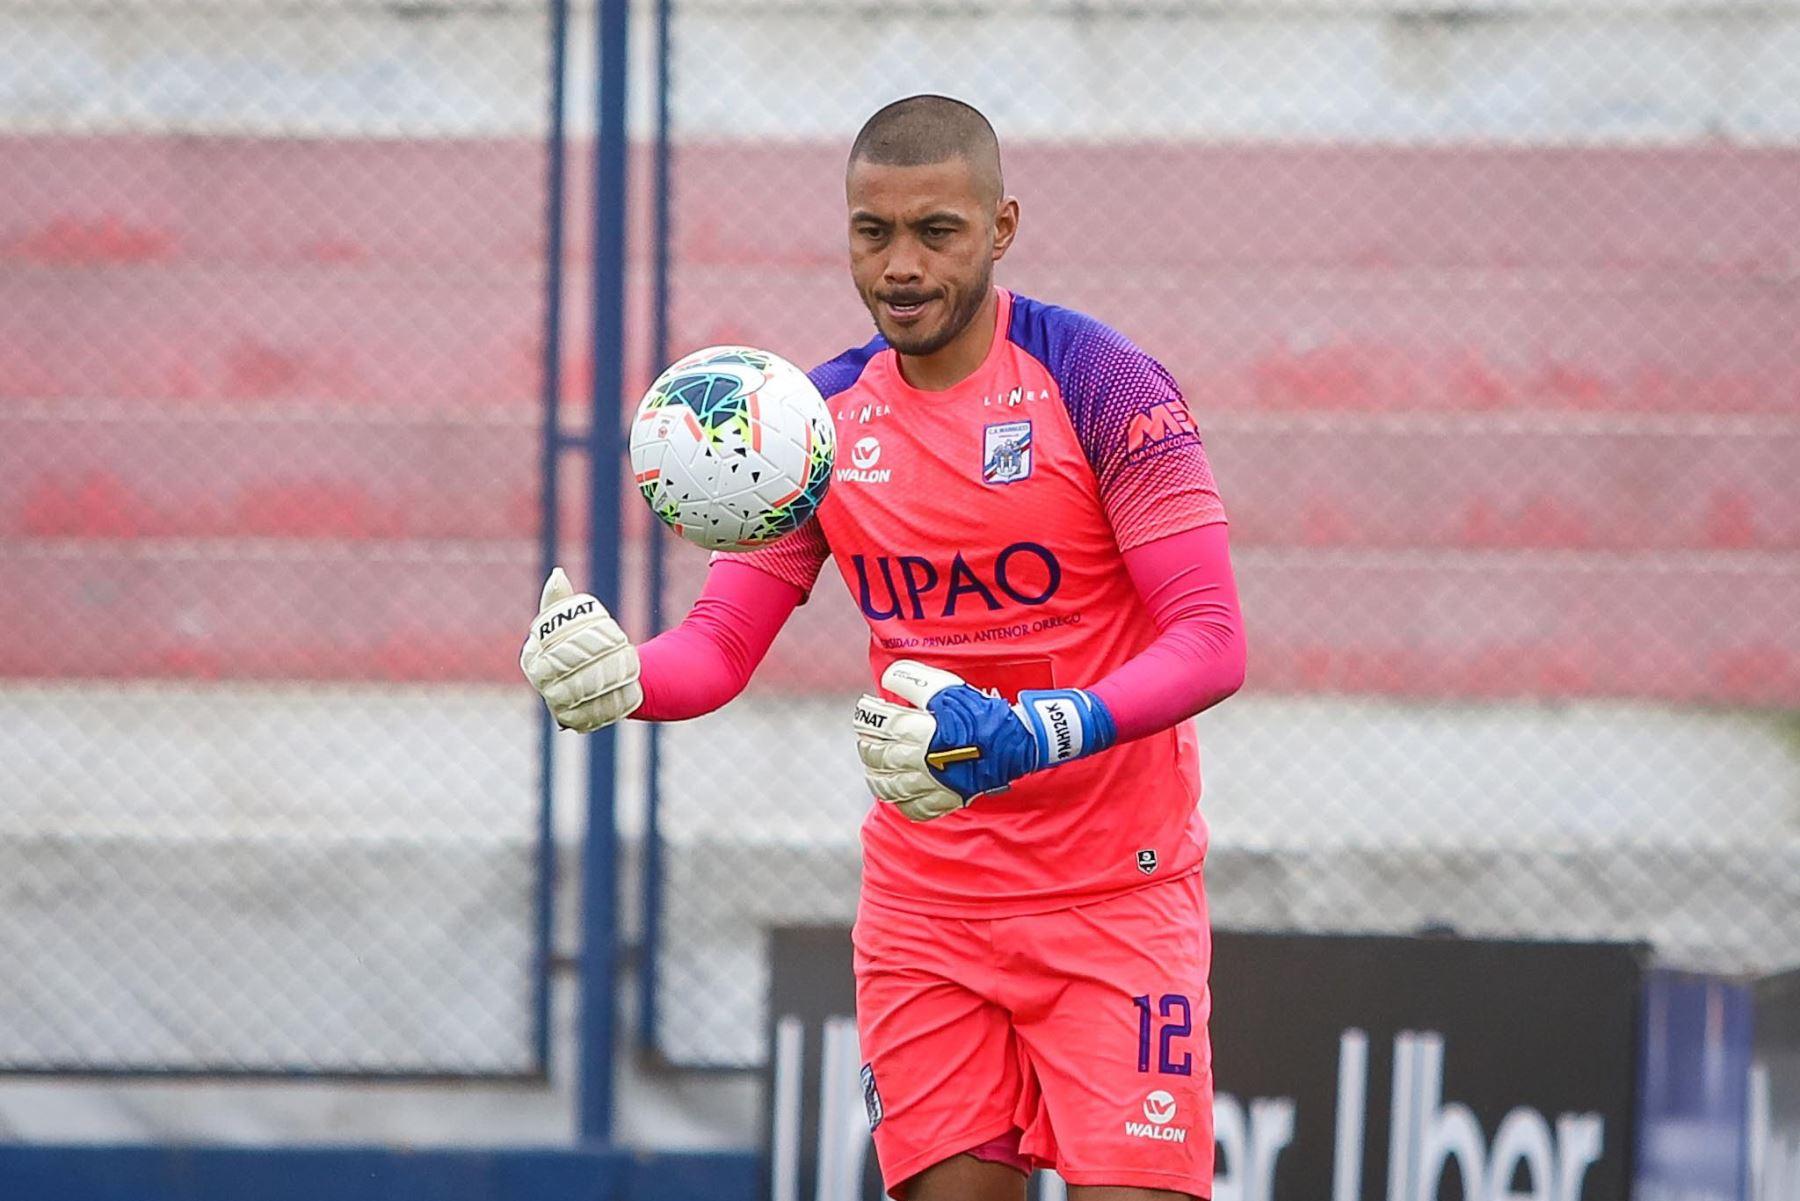 El portero Heredia detiene el bañón. Carlos Manucci derrota 3-1 a Sporting Cristal por la Fase 2 de la Liga 1. Foto: FPF